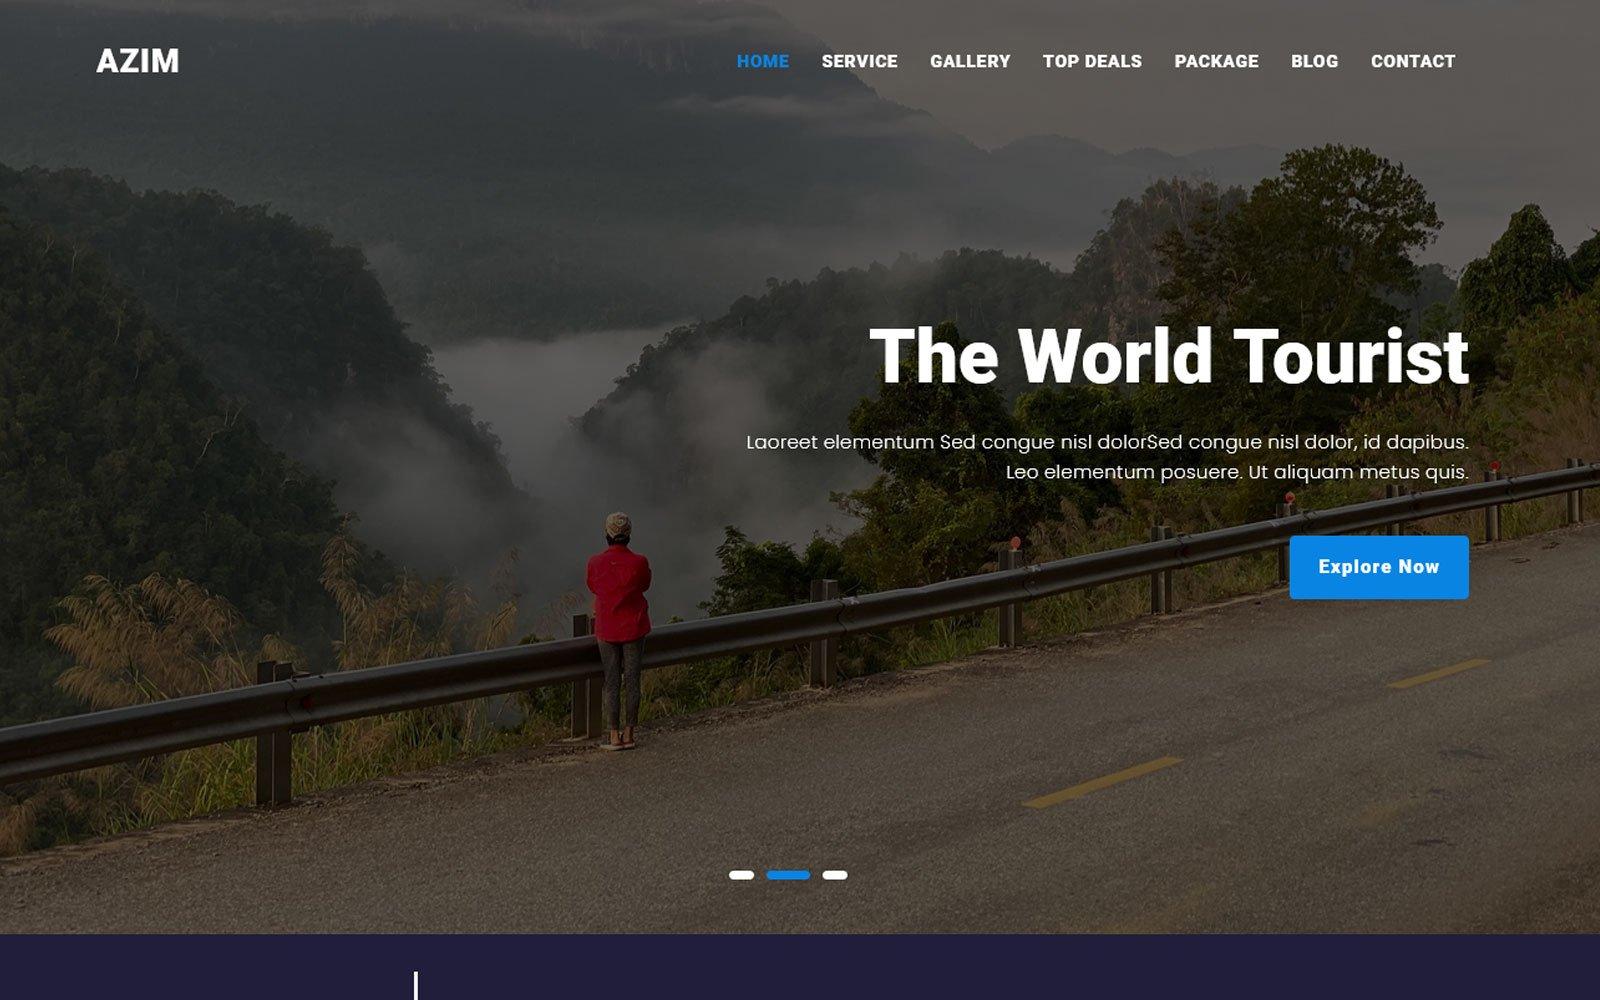 Responsywny szablon Landing Page Al-Azim - Tour & Travel Agency #123952